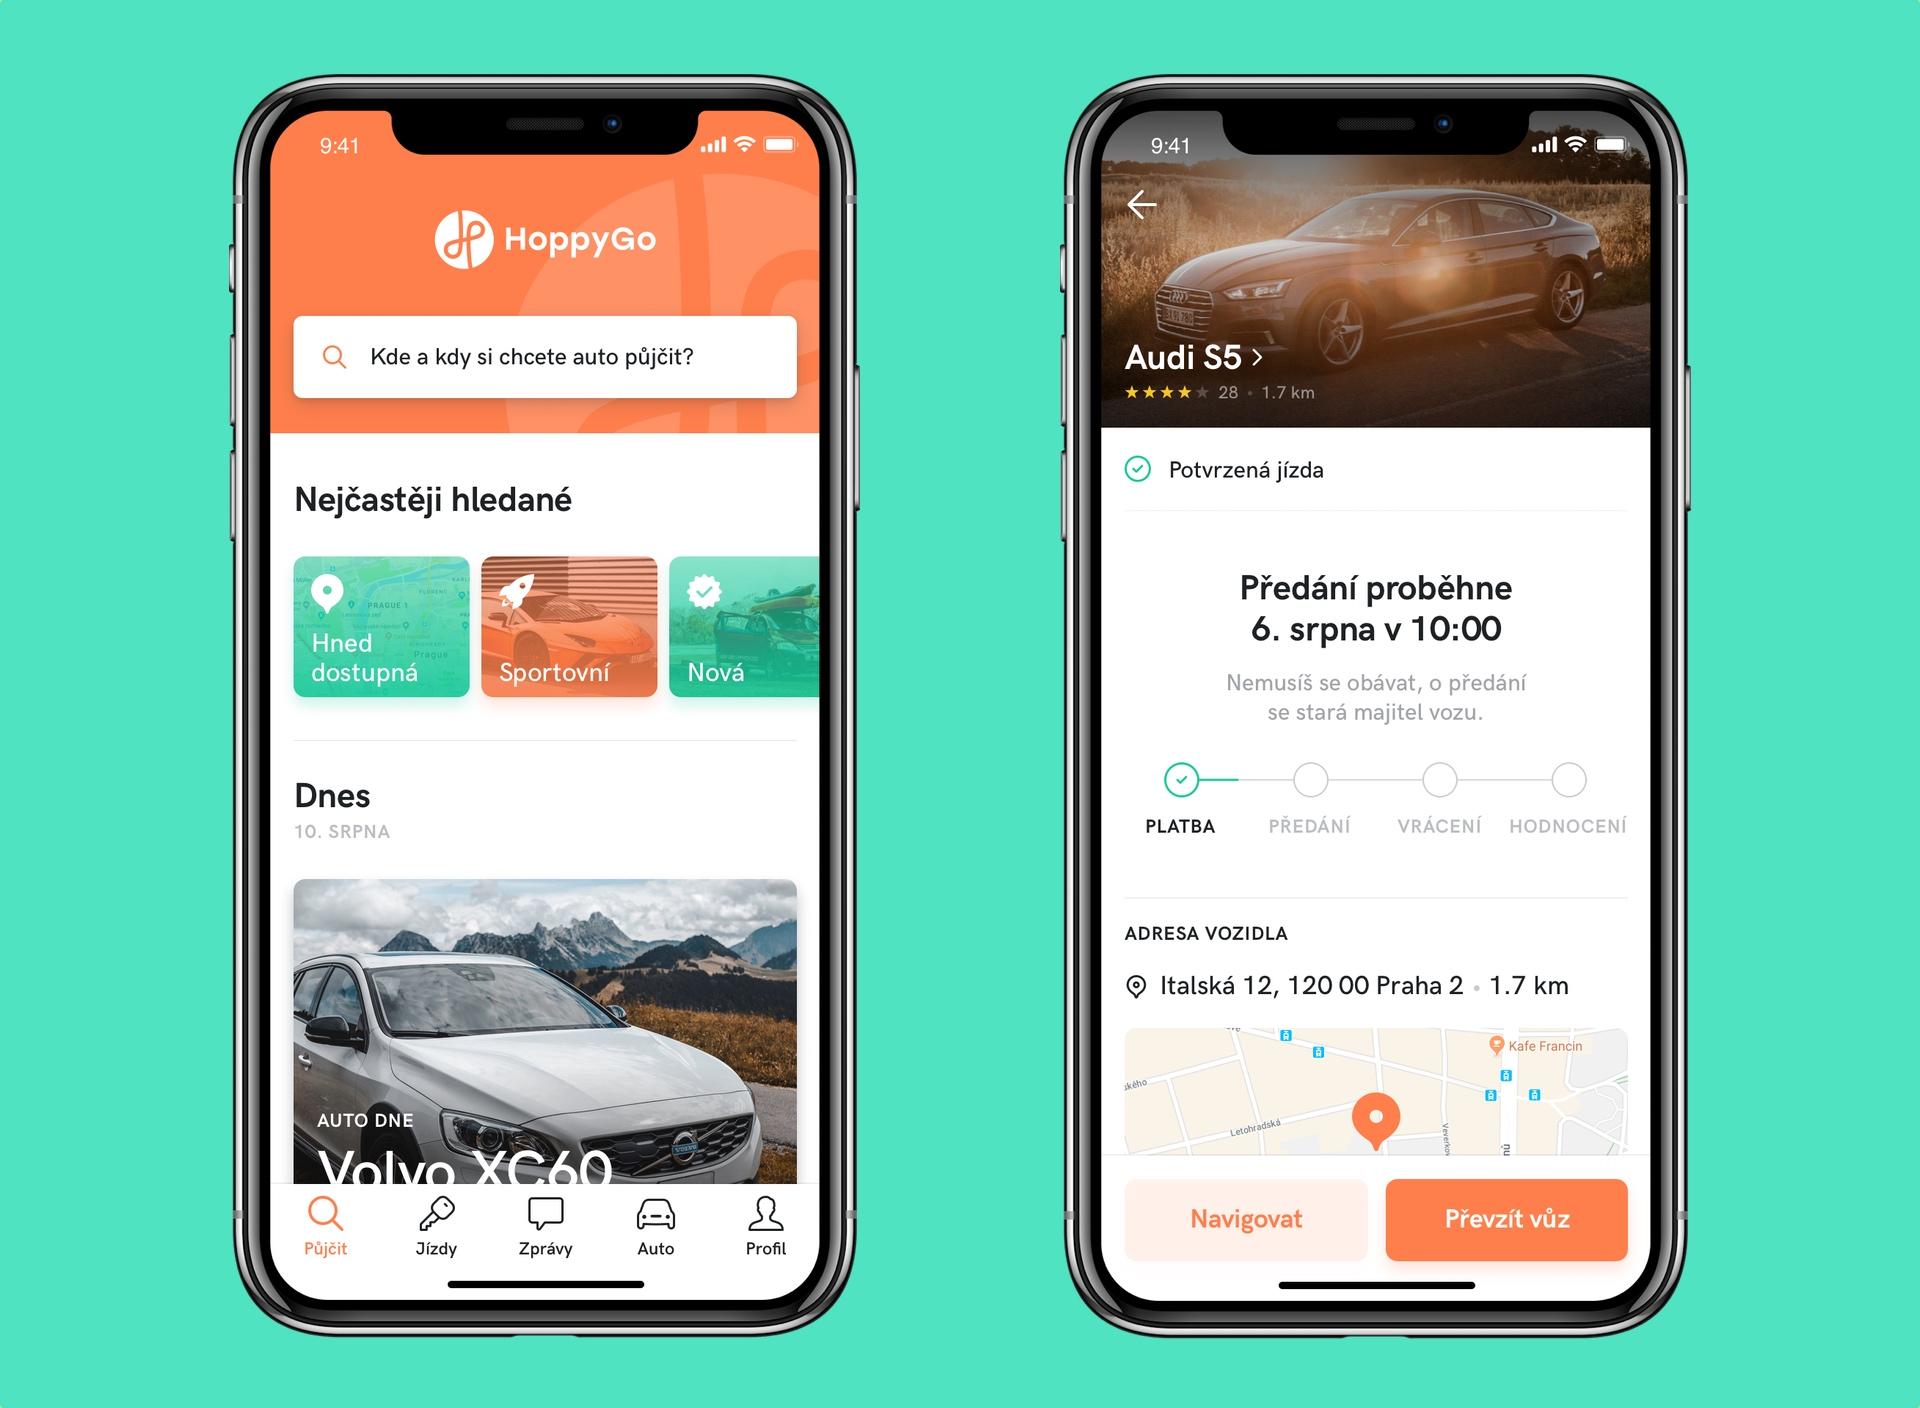 Připravovaná nová aplikace HoppyGo